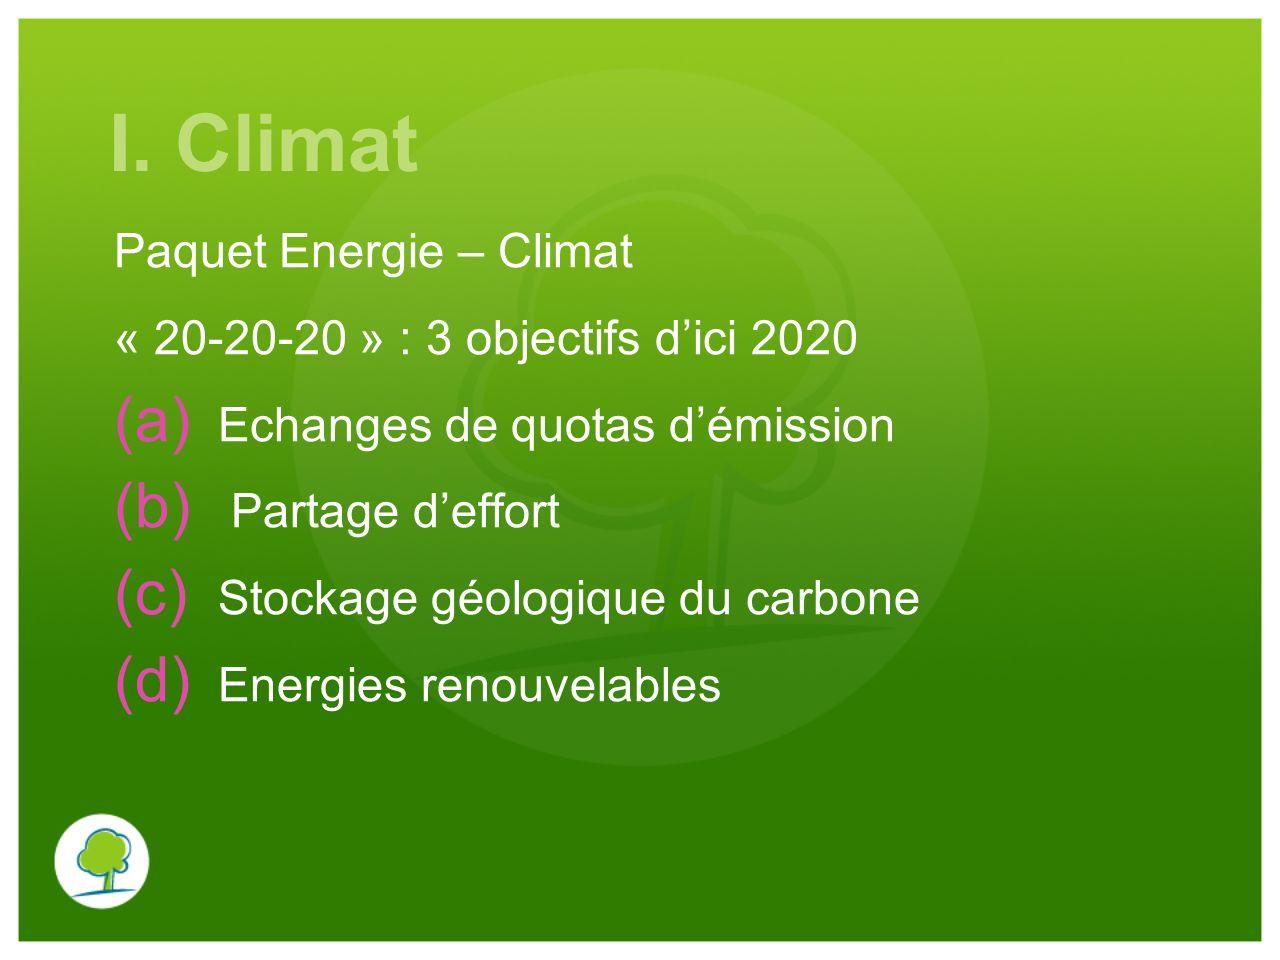 I. Climat Paquet Energie – Climat « 20-20-20 » : 3 objectifs d'ici 2020 (a) Echanges de quotas d'émission (b) Partage d'effort (c) Stockage géologique